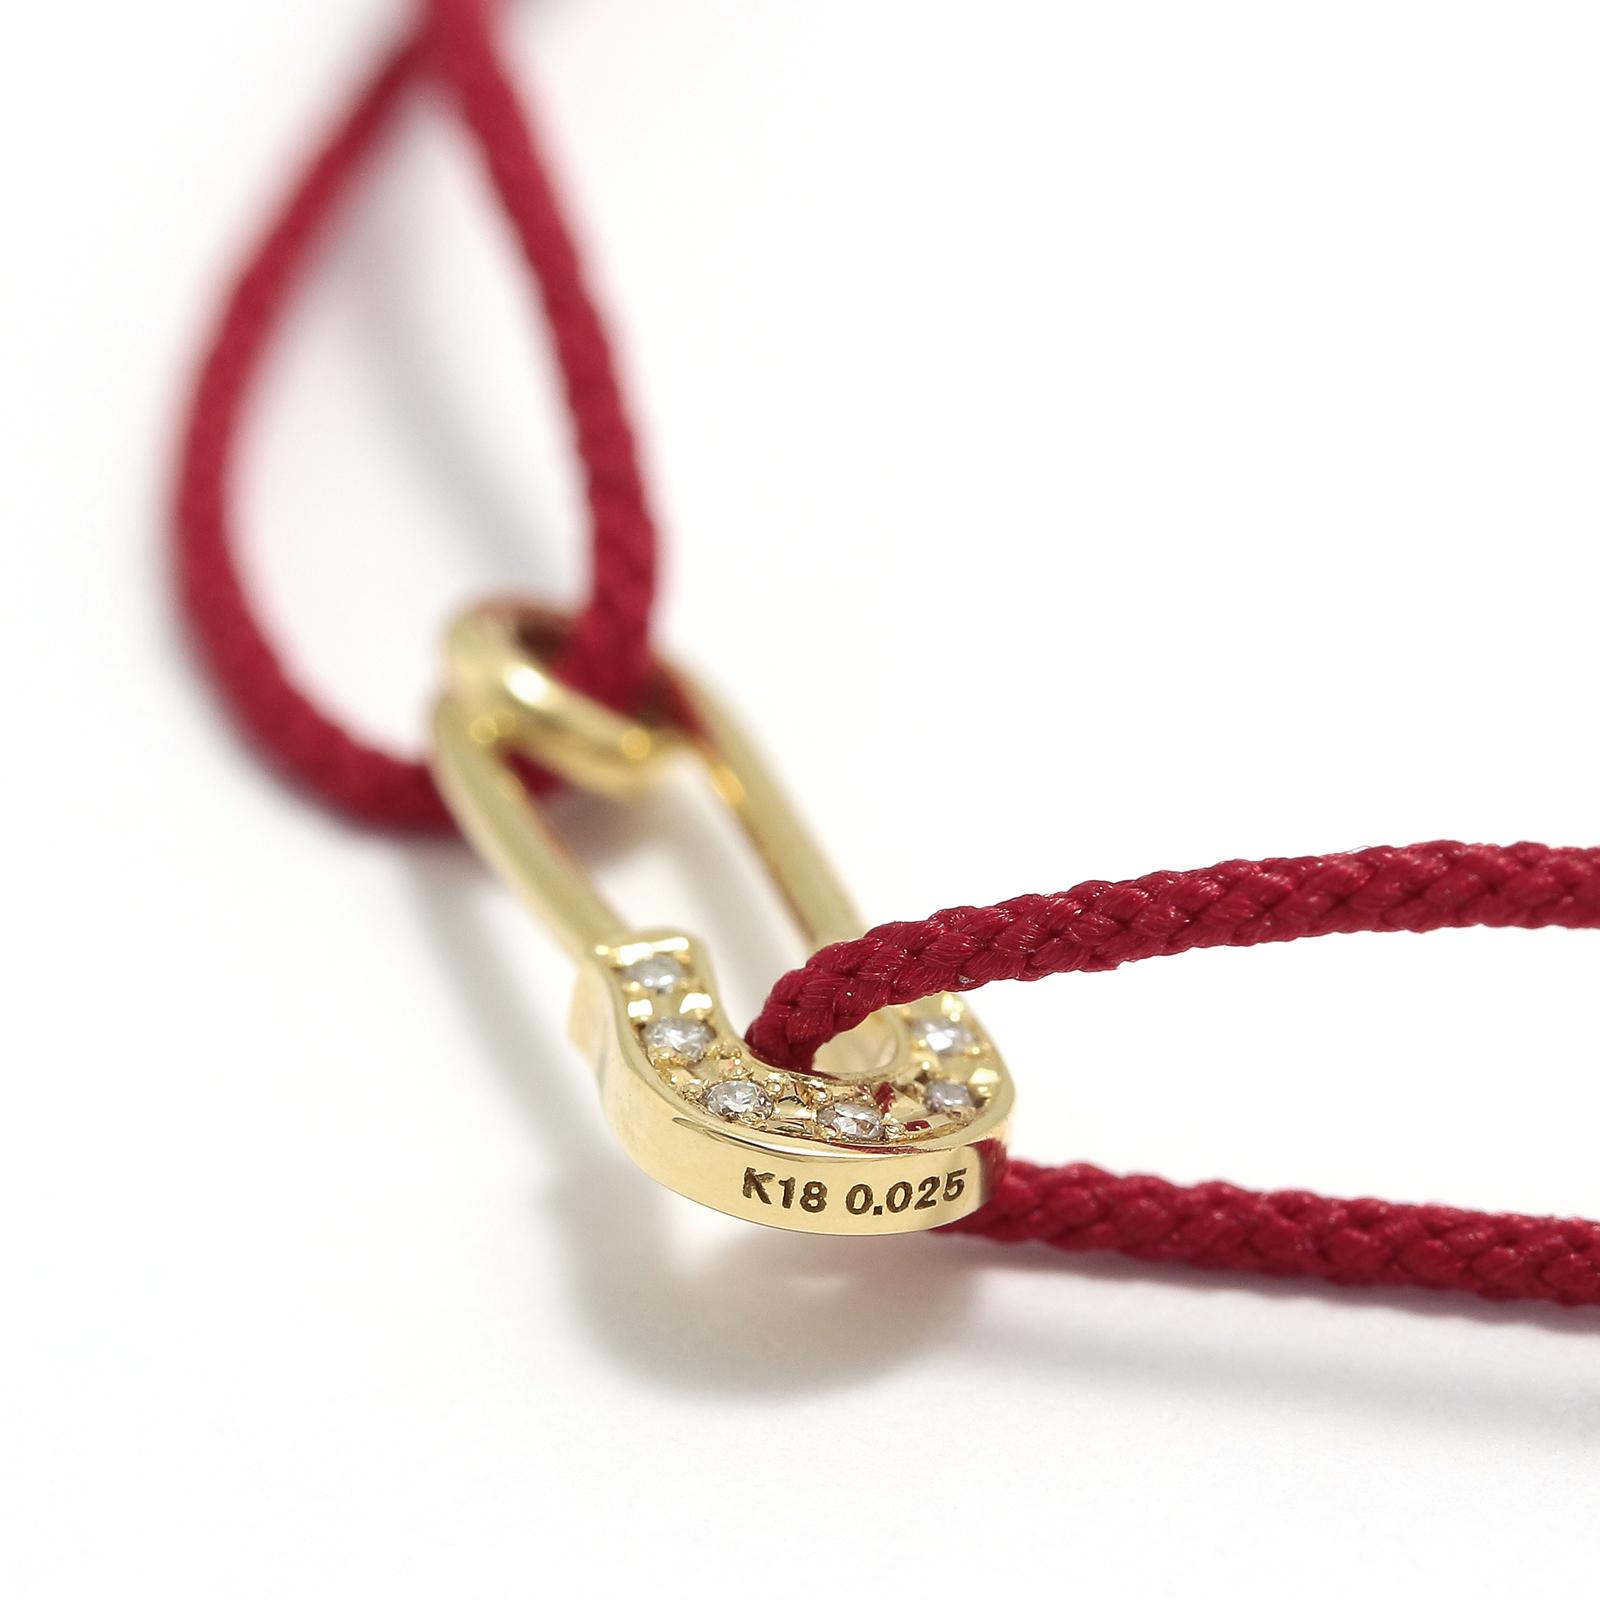 Safety Pin Cord Bracelet - K18Yellow Gold w/Diamond